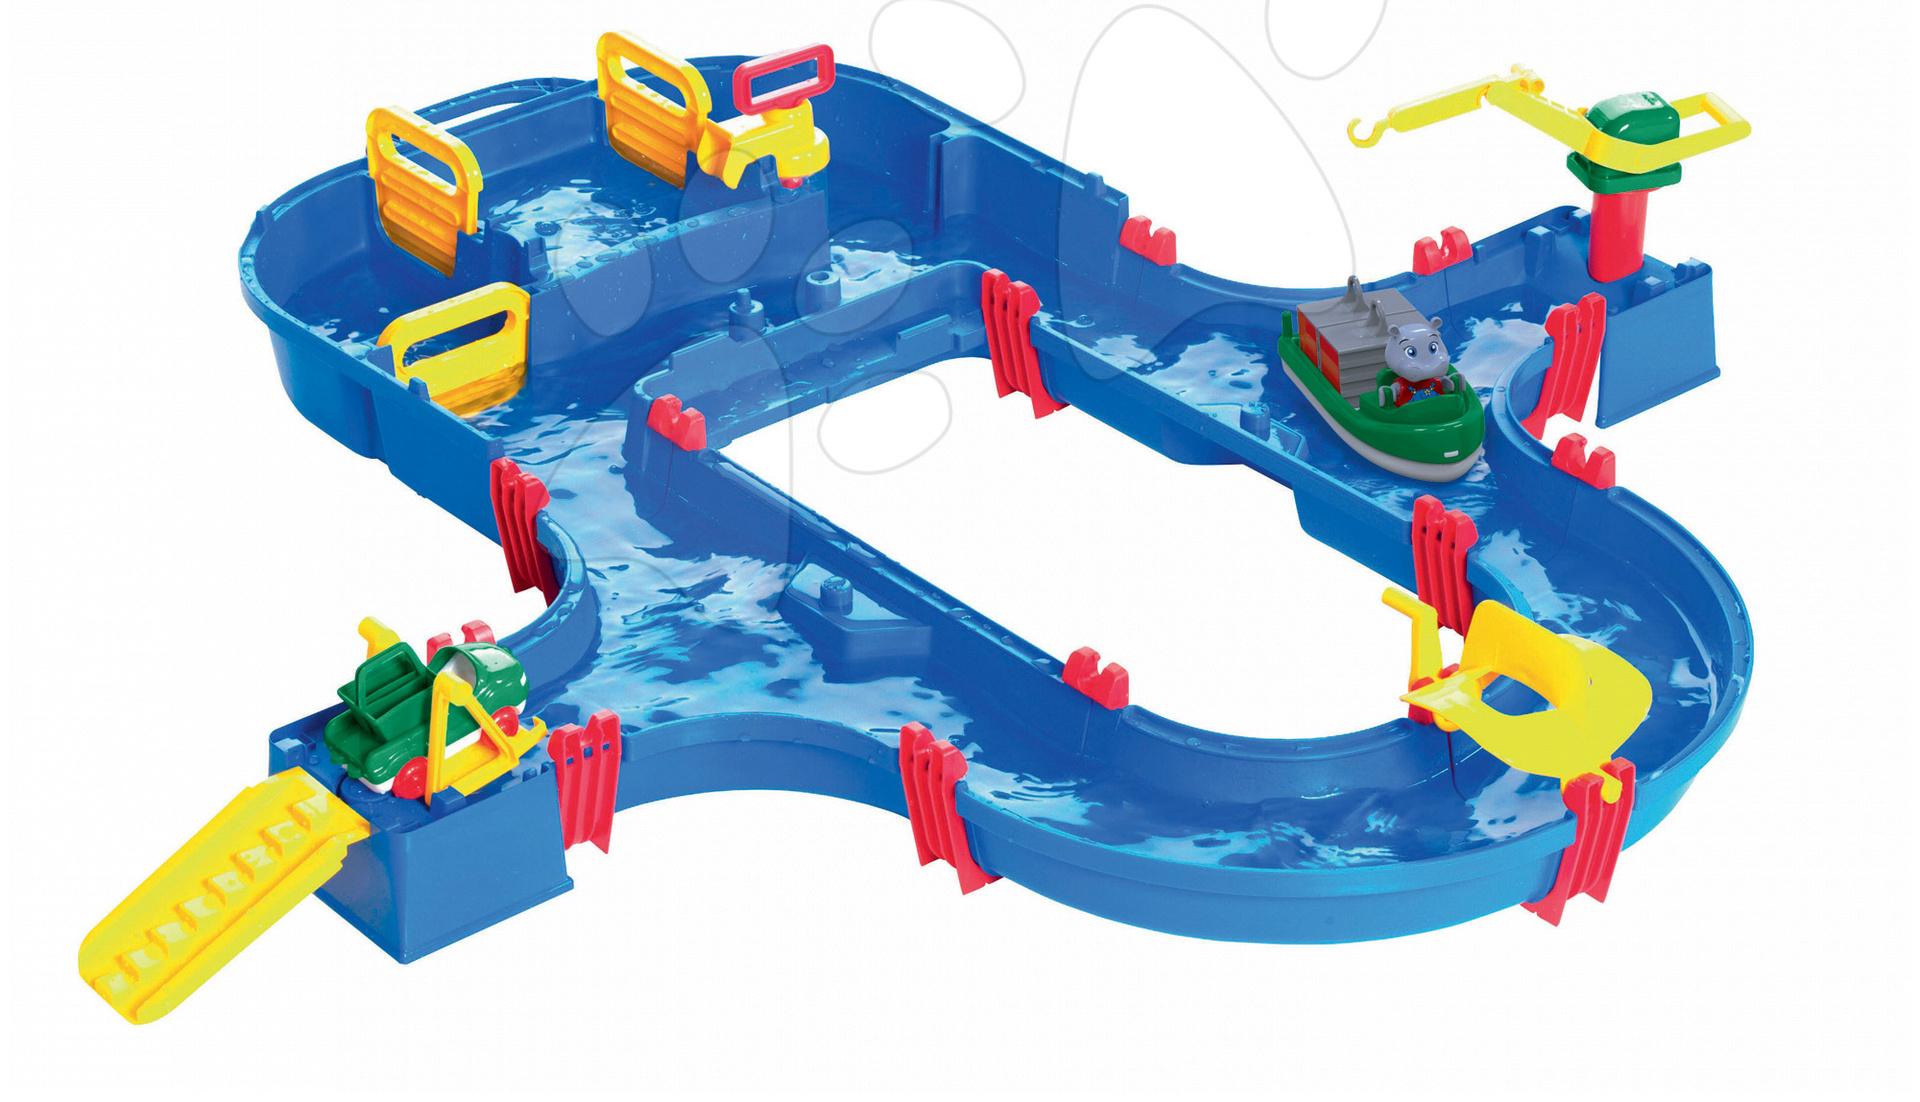 Vodná dráha Superset AquaPlay s hrošíkom Wilmou a priehradou s vodnou pumpou